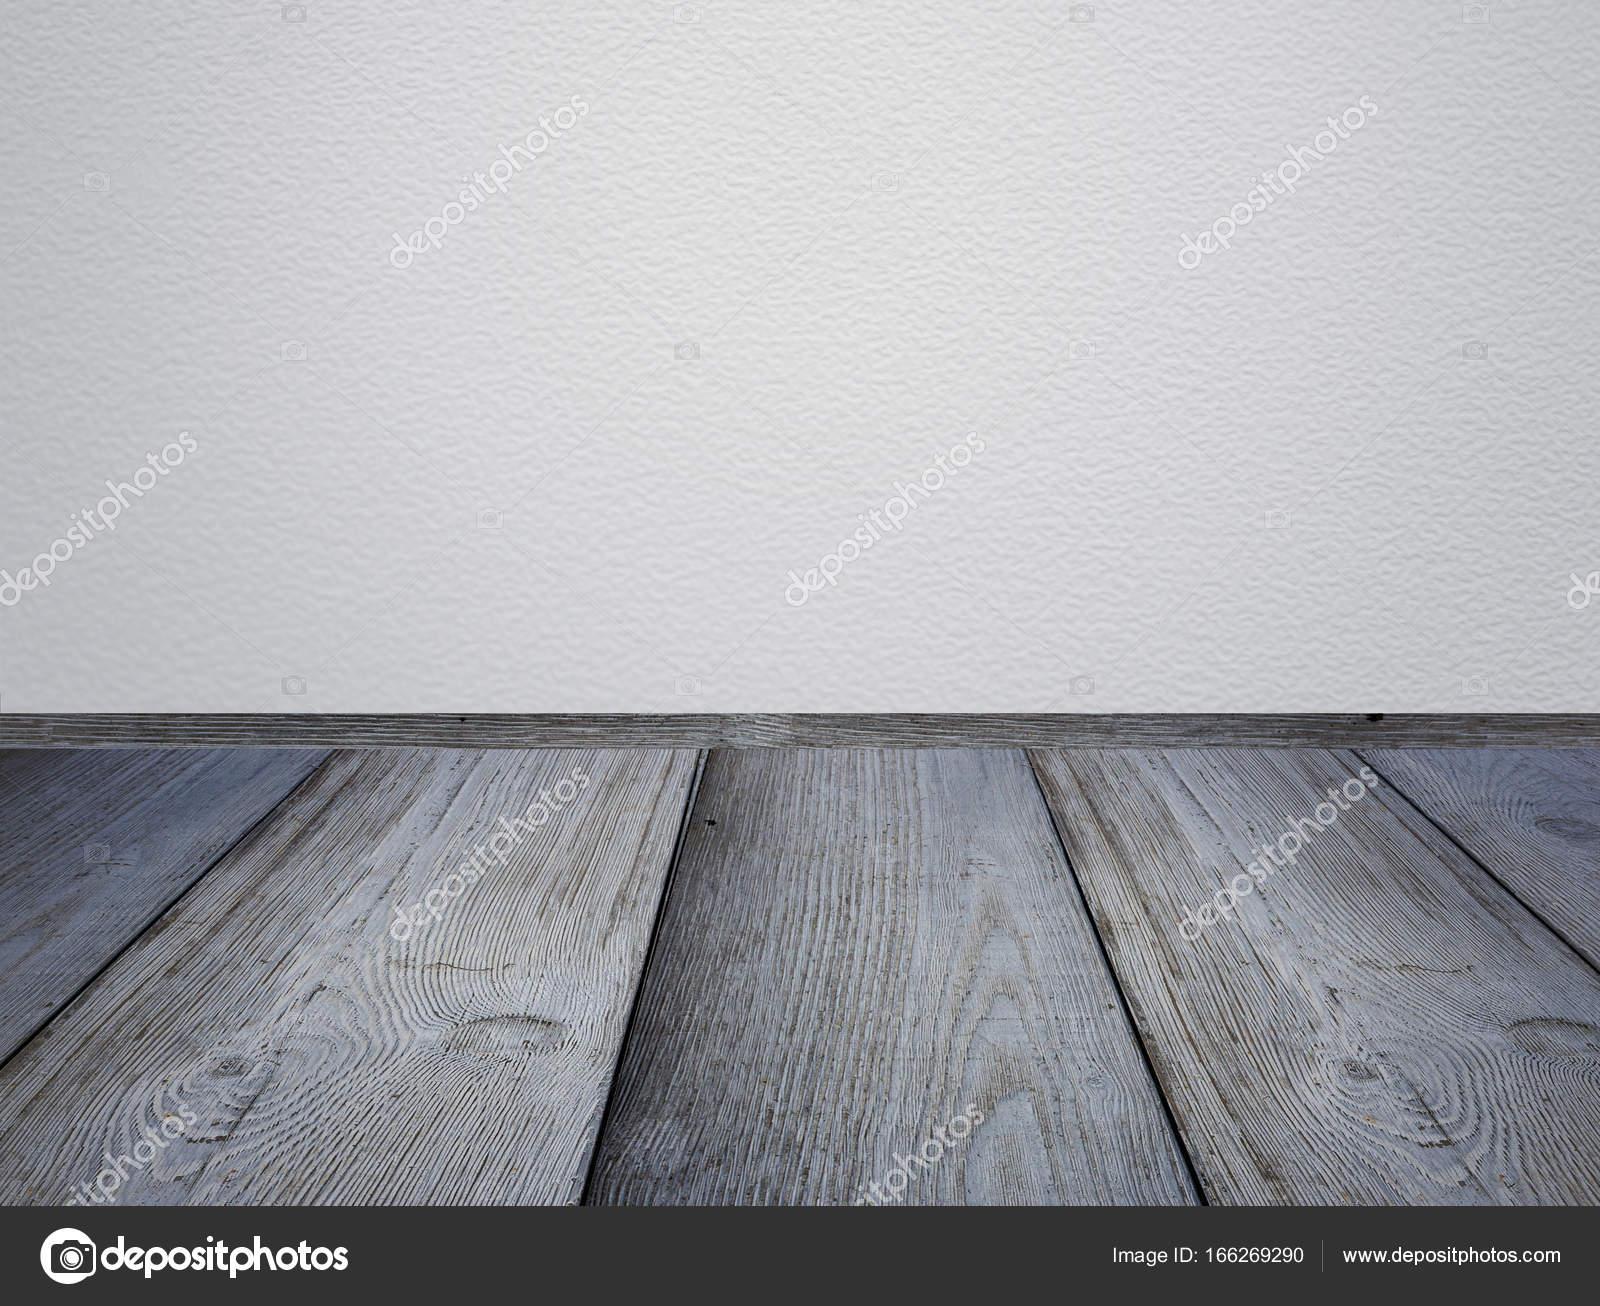 Lichtgrijze Houten Vloer : Perspectief houten vloeren en grijze muren lege ruimte